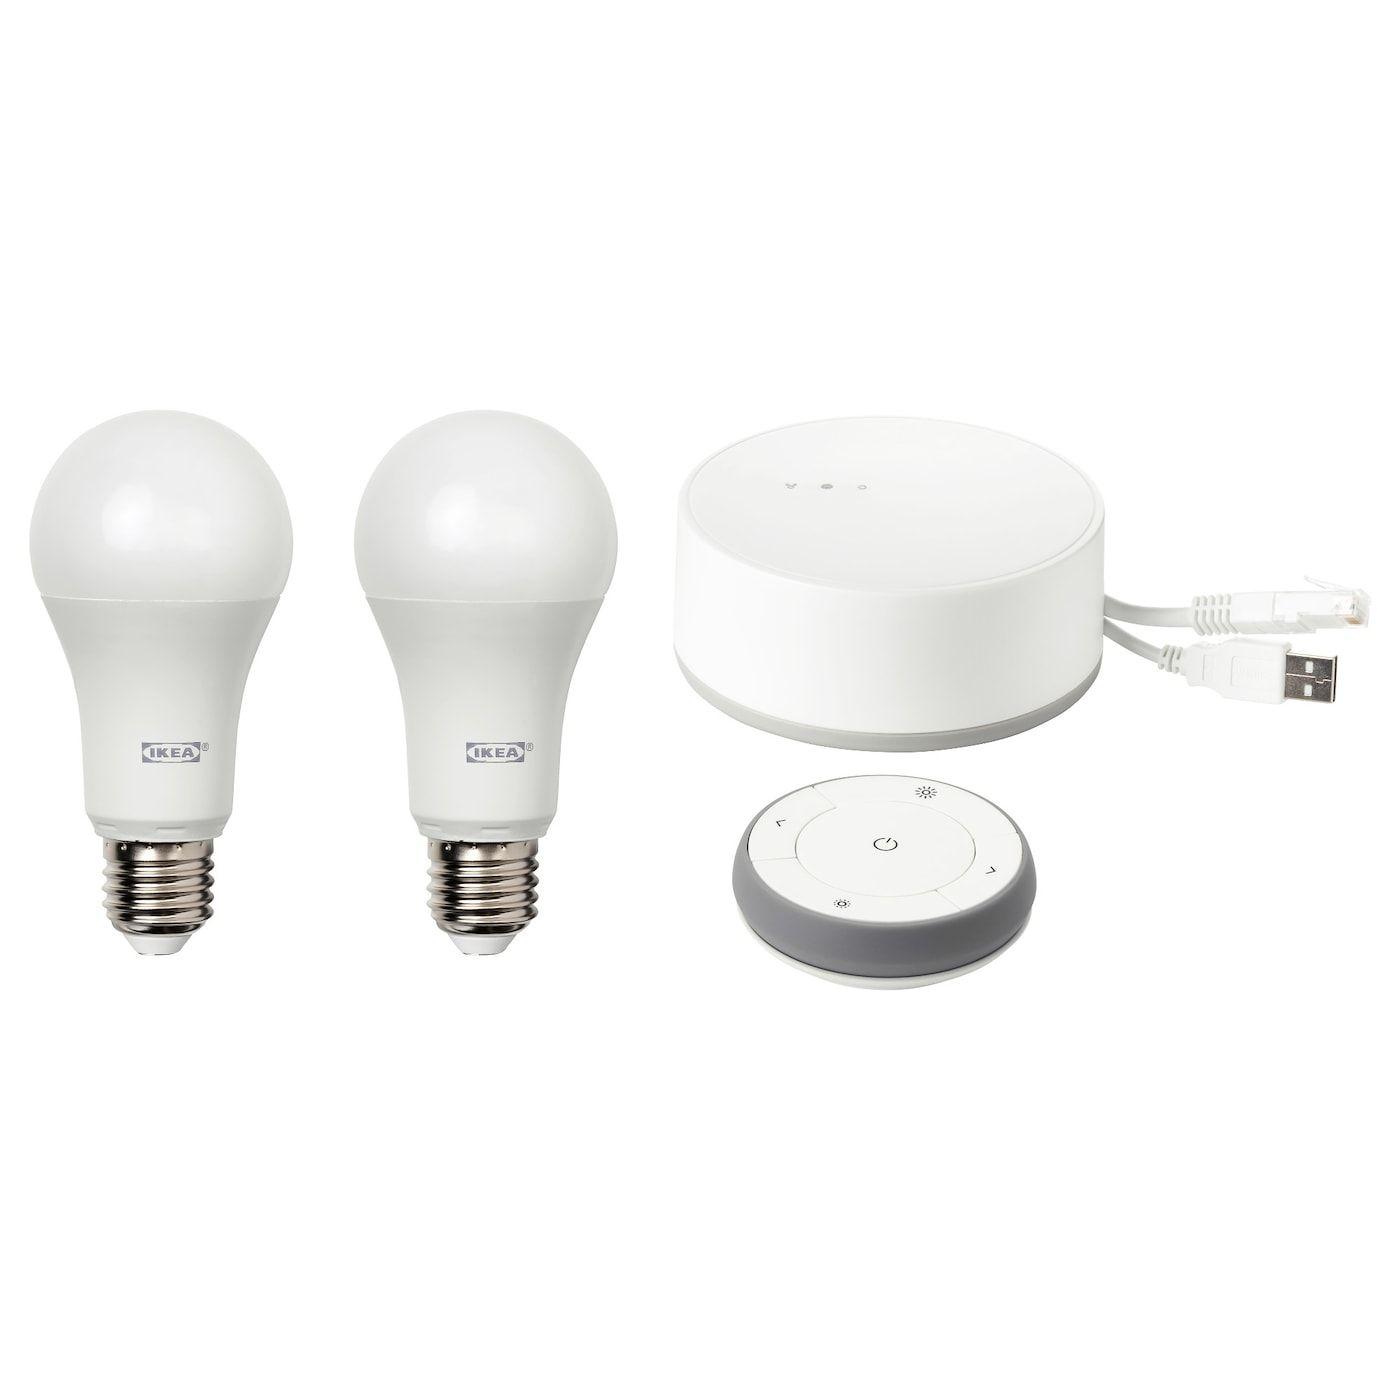 Tradfri Saet Med Gateway Hvidt Spektrum E27 Ikea In 2020 Led Lampe Led Gluhlampen Led Leuchtmittel